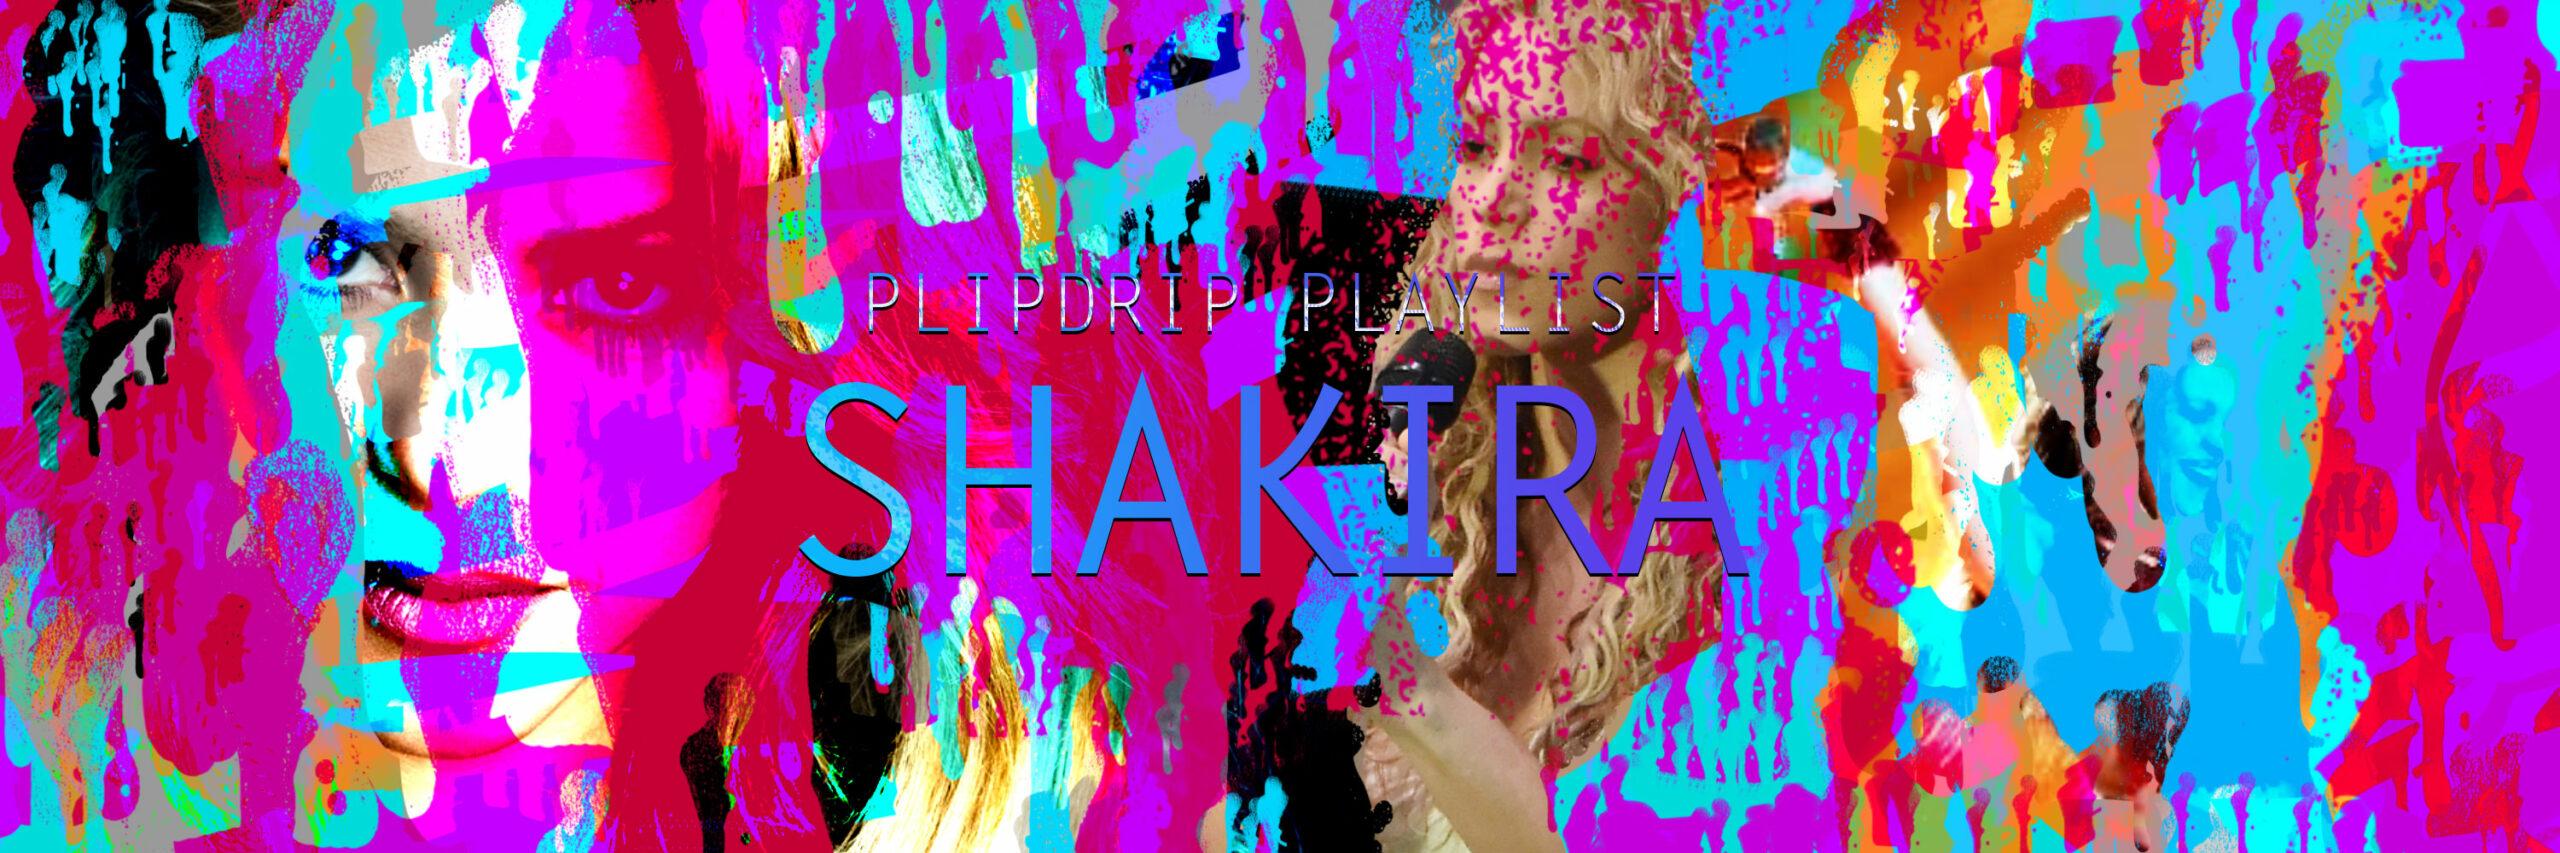 PF-shakira-banner-2